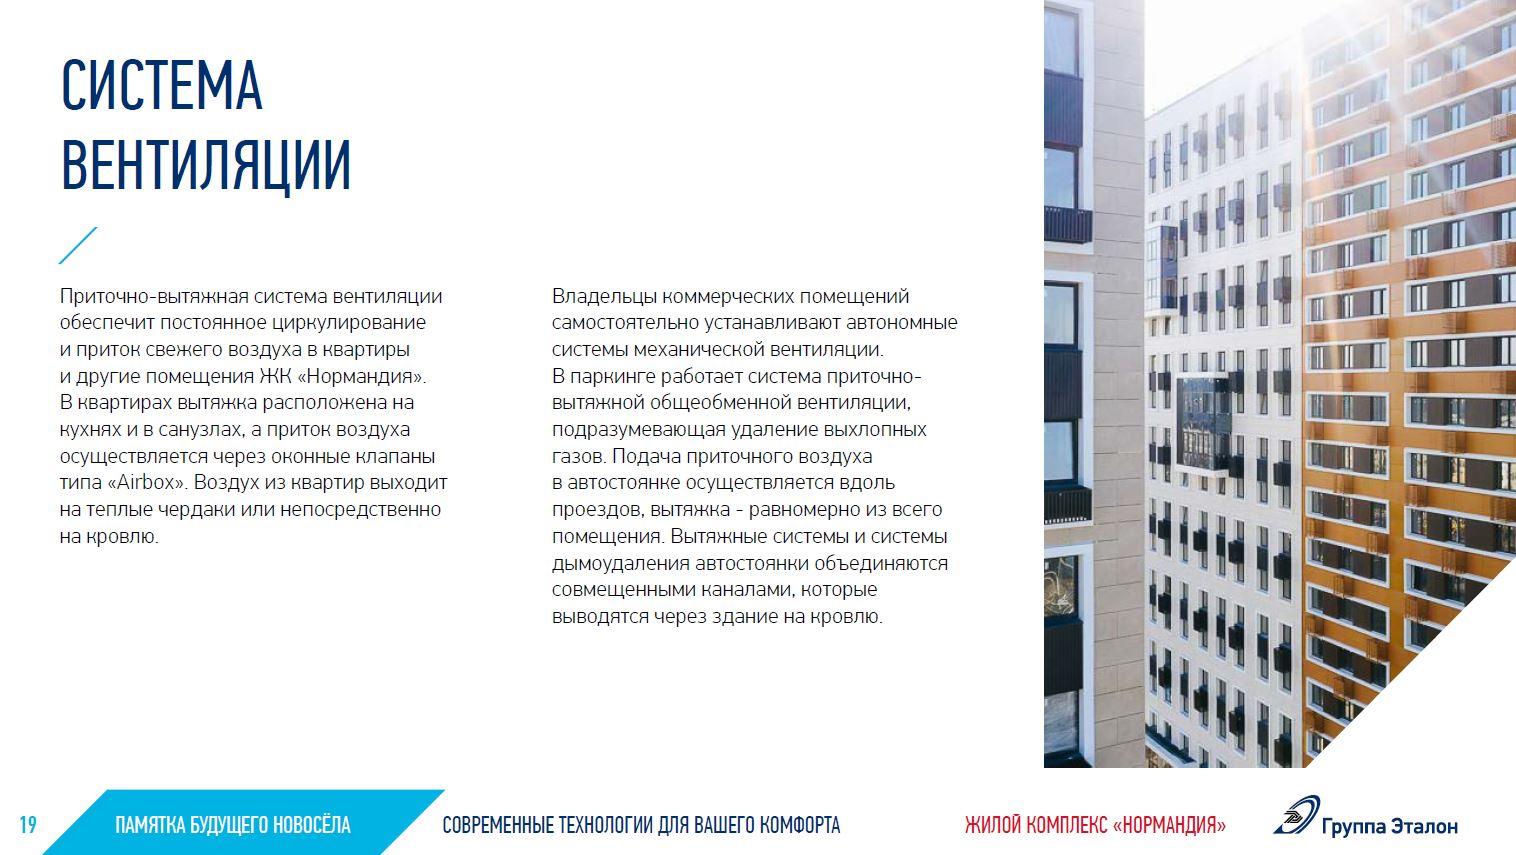 """Инженерия ЖК """"Нормандия"""": лифты, вентиляция, противопожарная система, электроснабжение и электрооборудование, отопление, водоснабжение, безопасность  IjVw2DalzWM"""